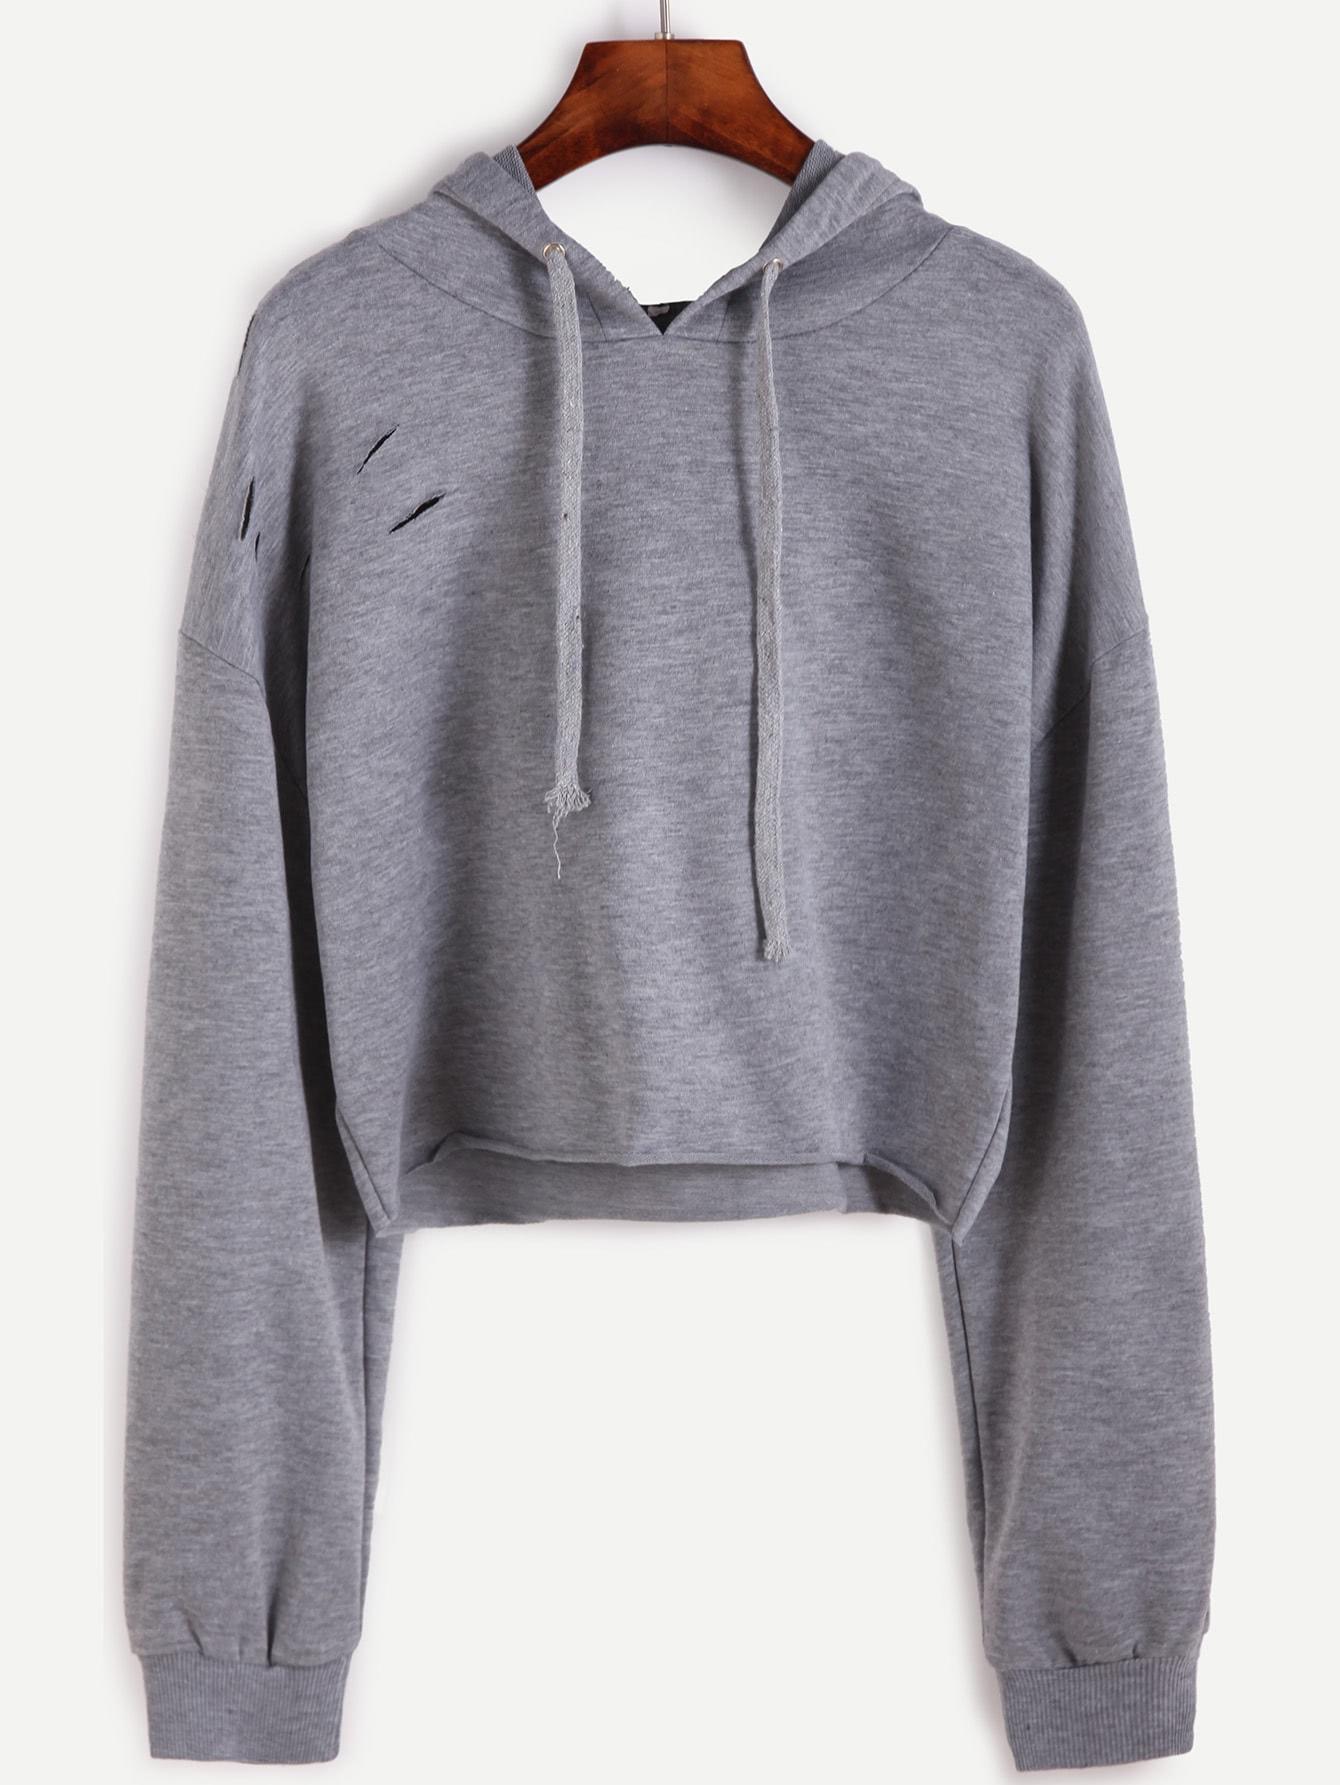 Drop Shoulder Ripped Drawstring Hooded Crop SweatshirtFor Women-romwe